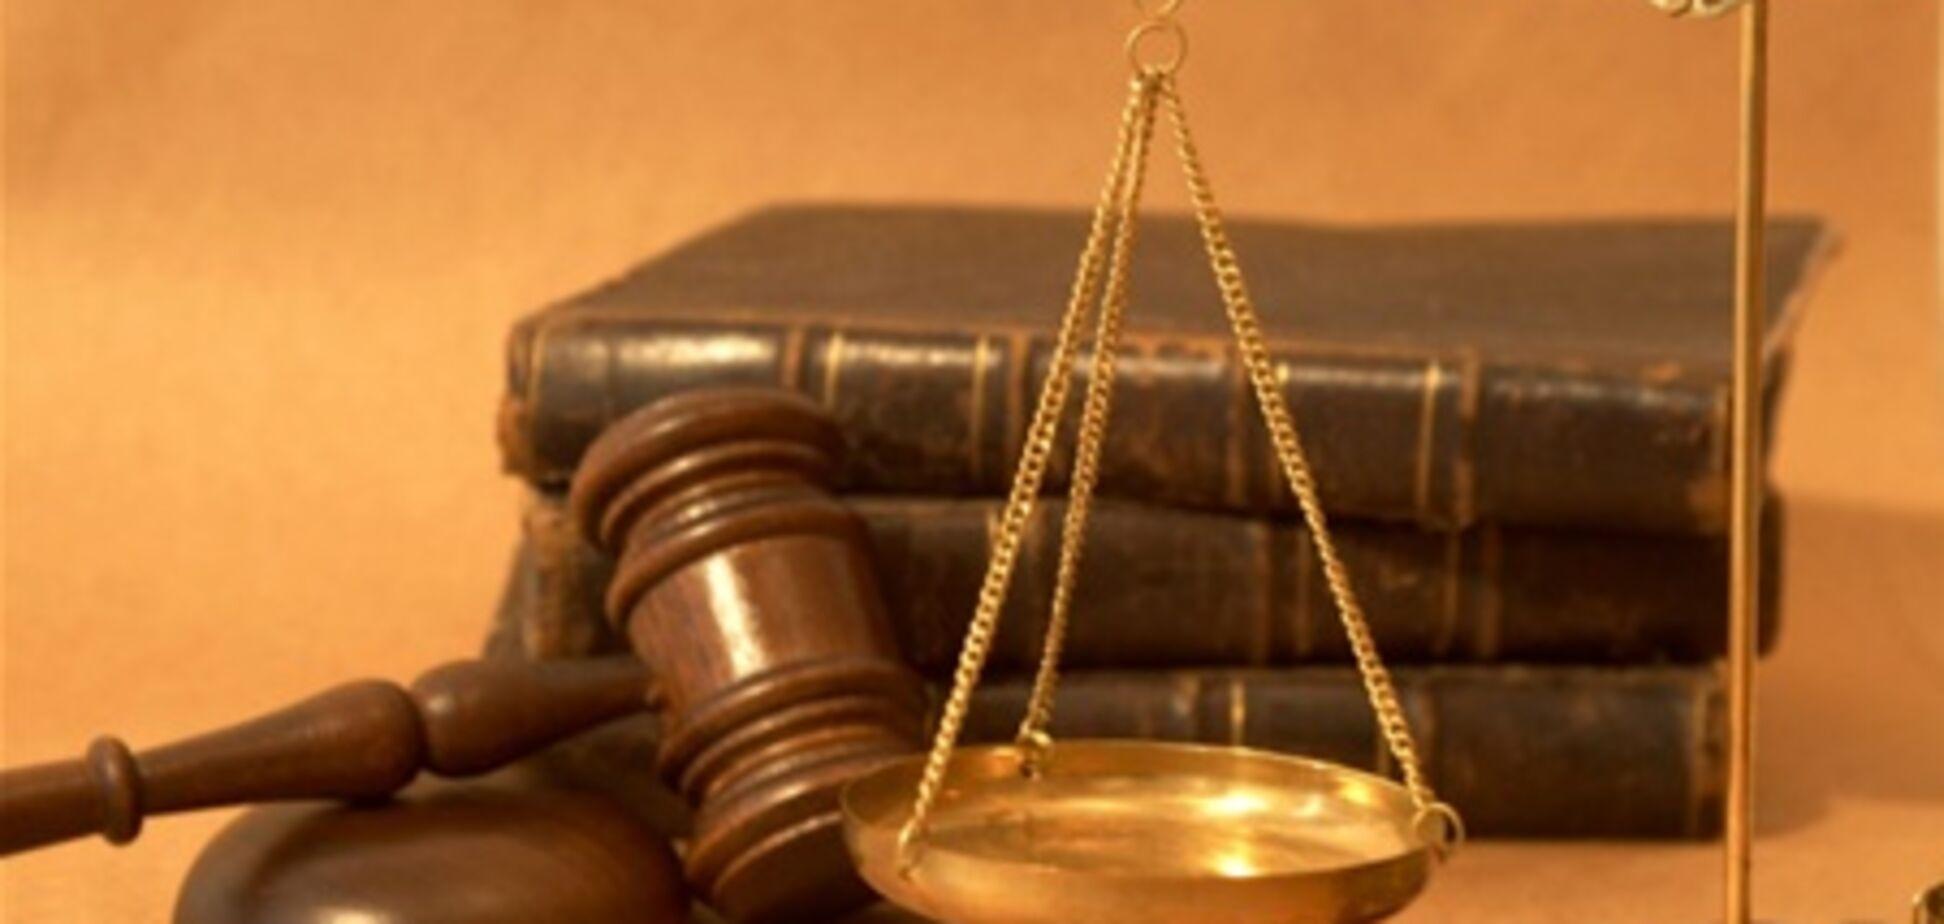 На Черниговщине суд вынес приговор по резонансному делу: убийце дали 15 лет